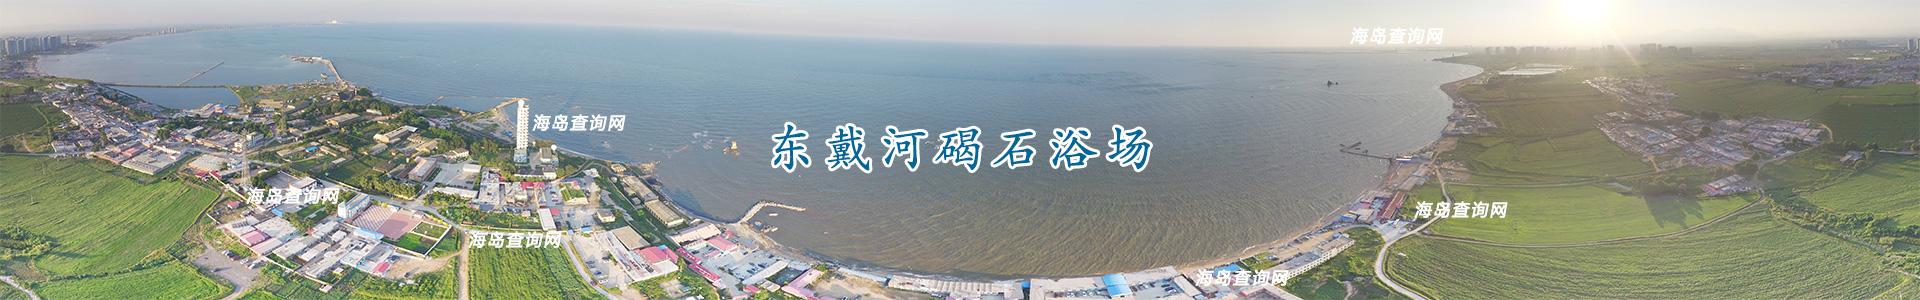 东戴河旅游住宿推荐